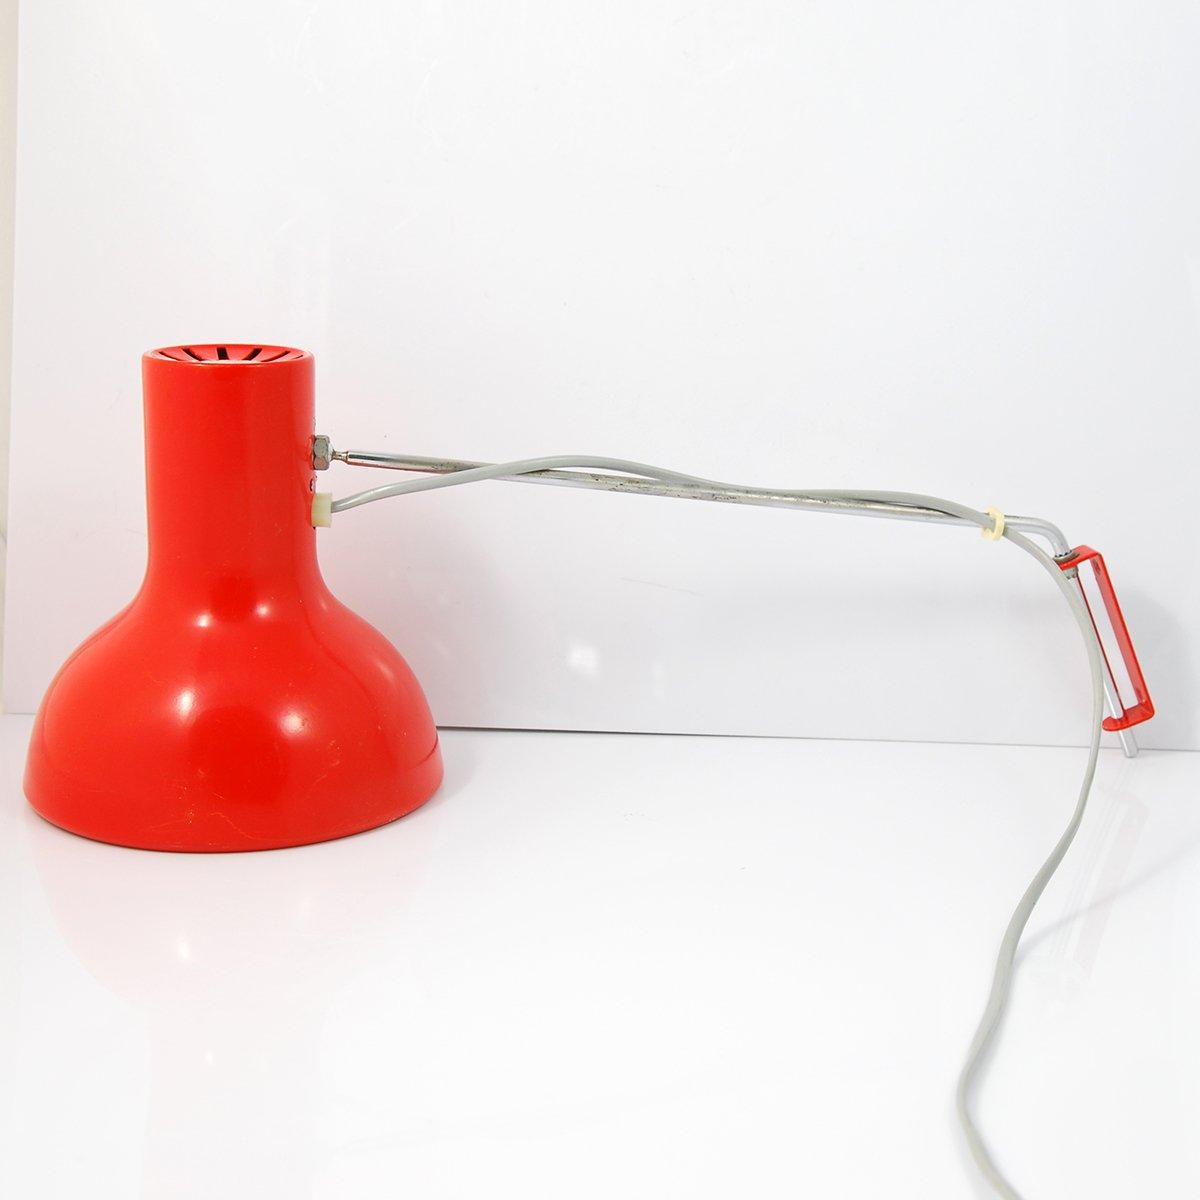 Tschechoslowakische Industrie Wandlampe von J. Hurka für Napako, 1970e...